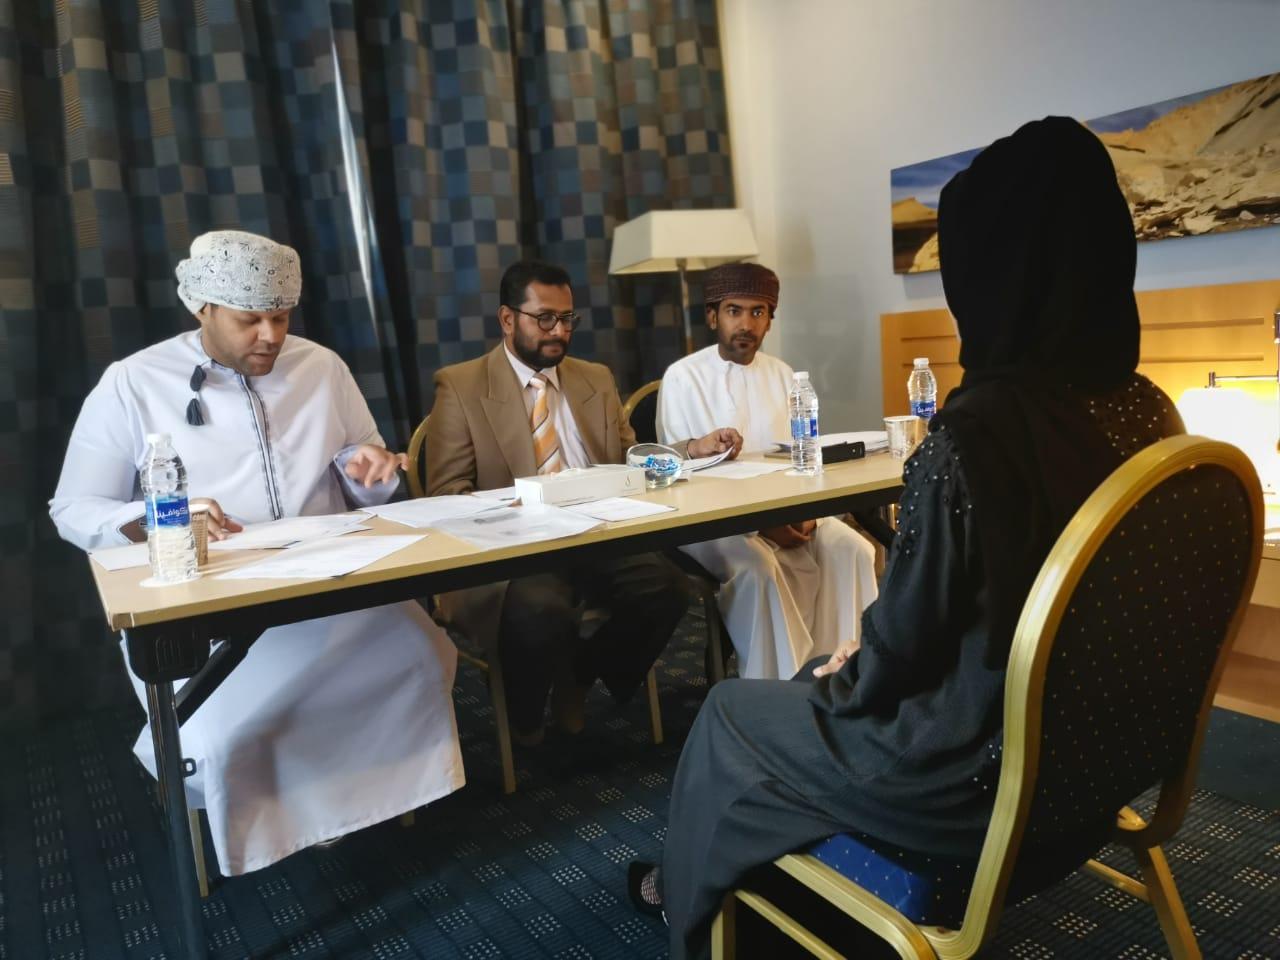 الصحة: إجراءات لتوظيف عدد من الصيادلة ومساعديهم في مؤسسات القطاع الصحي الخاص